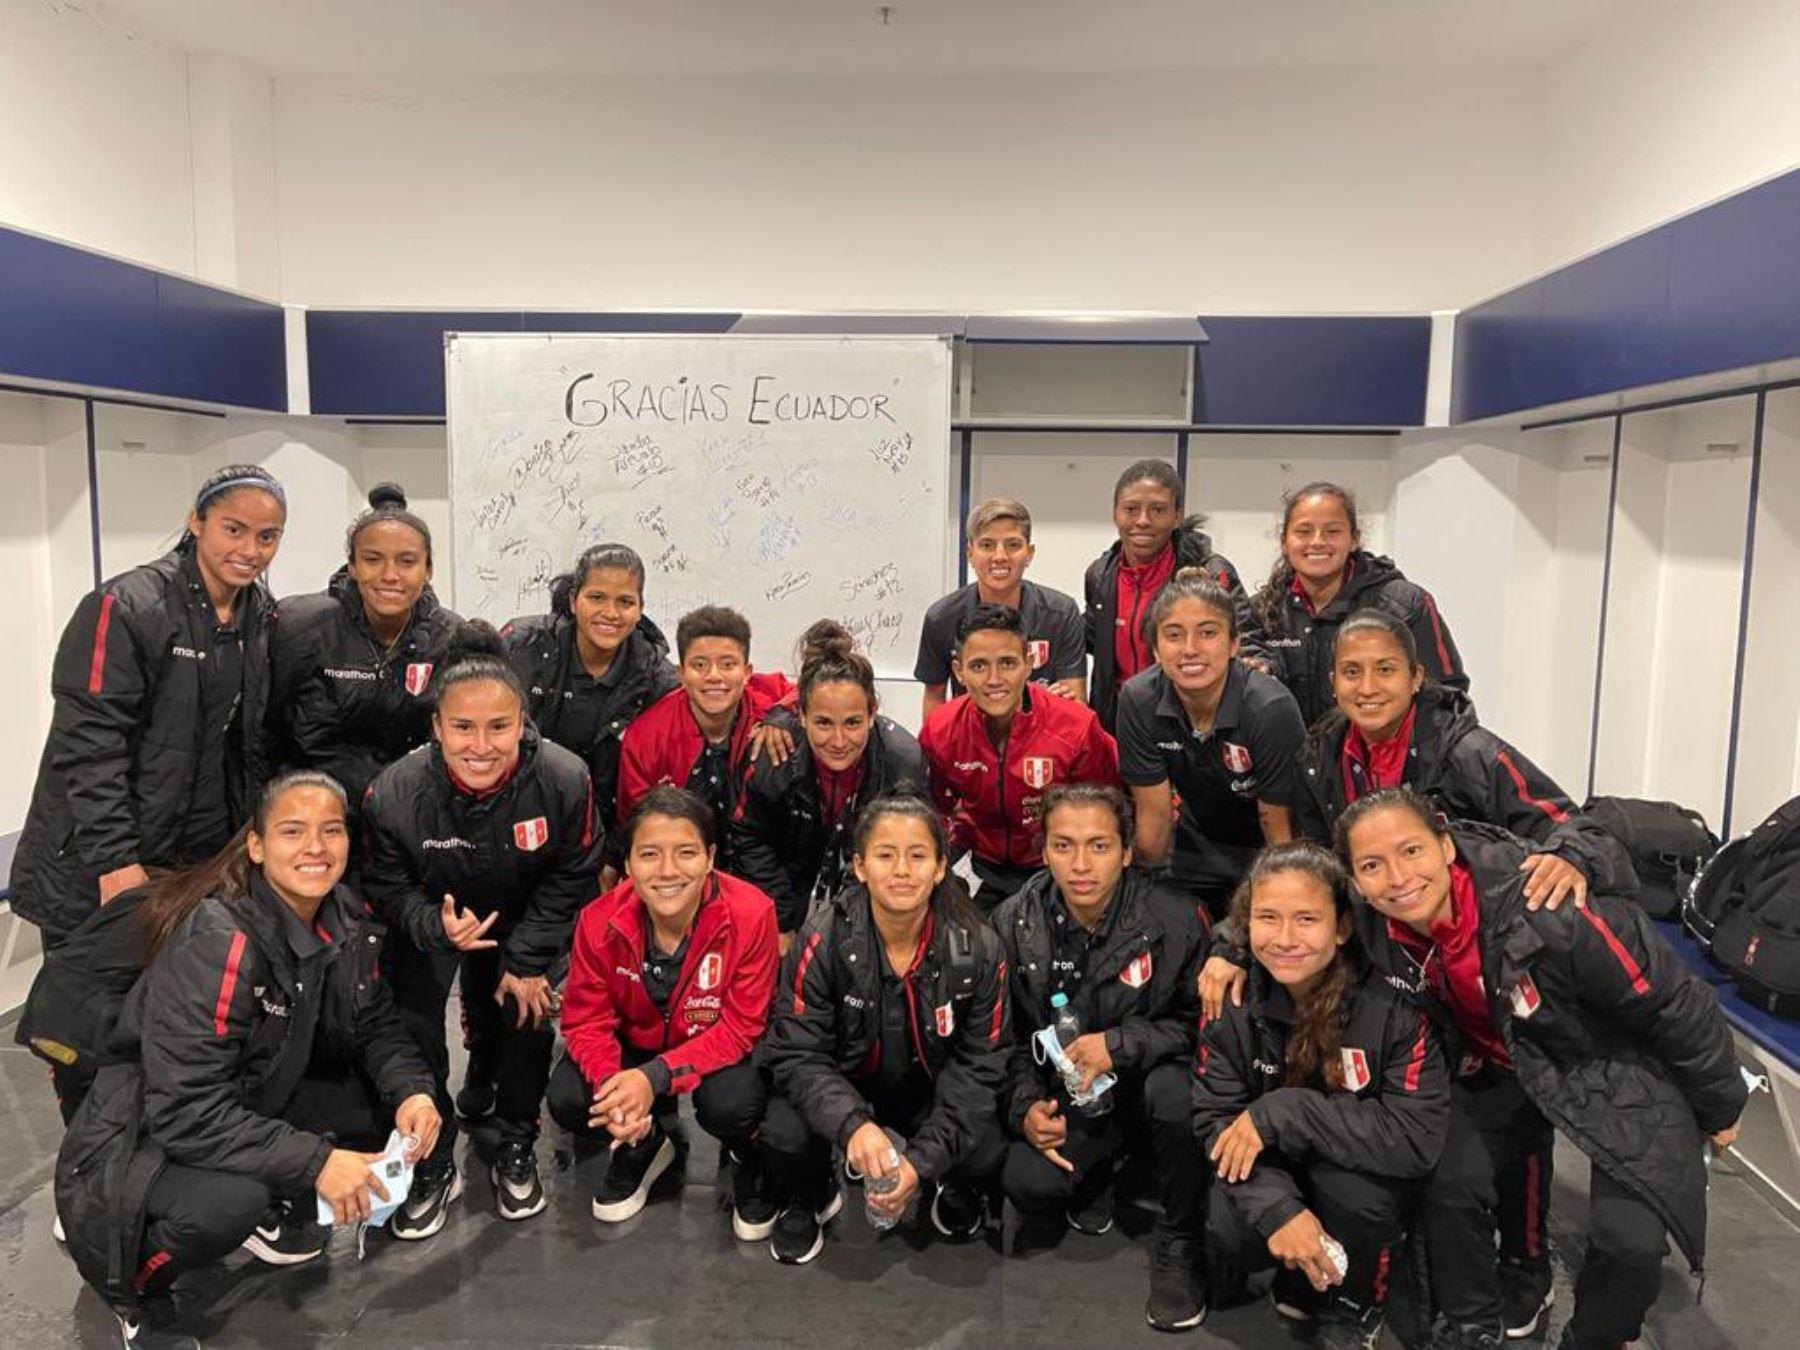 La selección peruana femenina llega hoy a Lima tras su periplo por Ecuador.